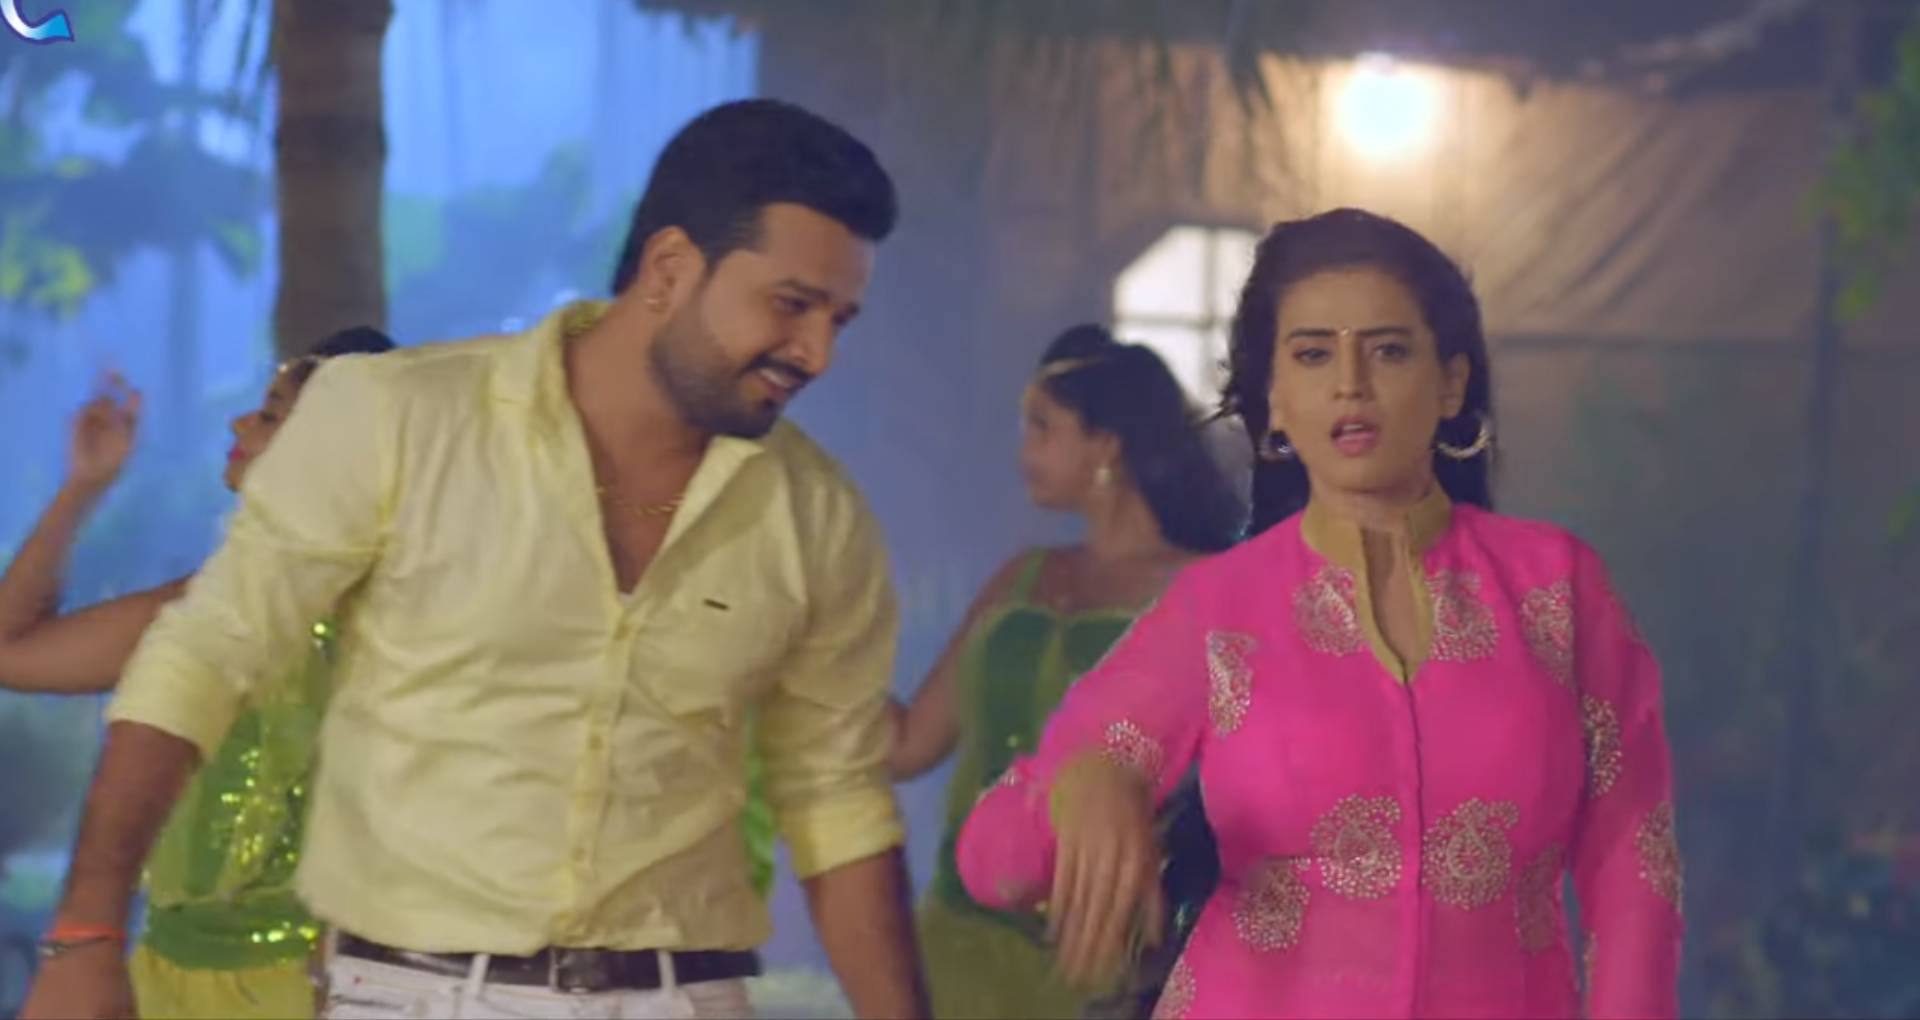 Raja Rajkumar: भोजपुरी फिल्म राजा राजकुमार का ट्रेलर लॉन्च, अक्षरा सिंह-रितेश पांडे की दिखी अनोखी लव स्टोरी